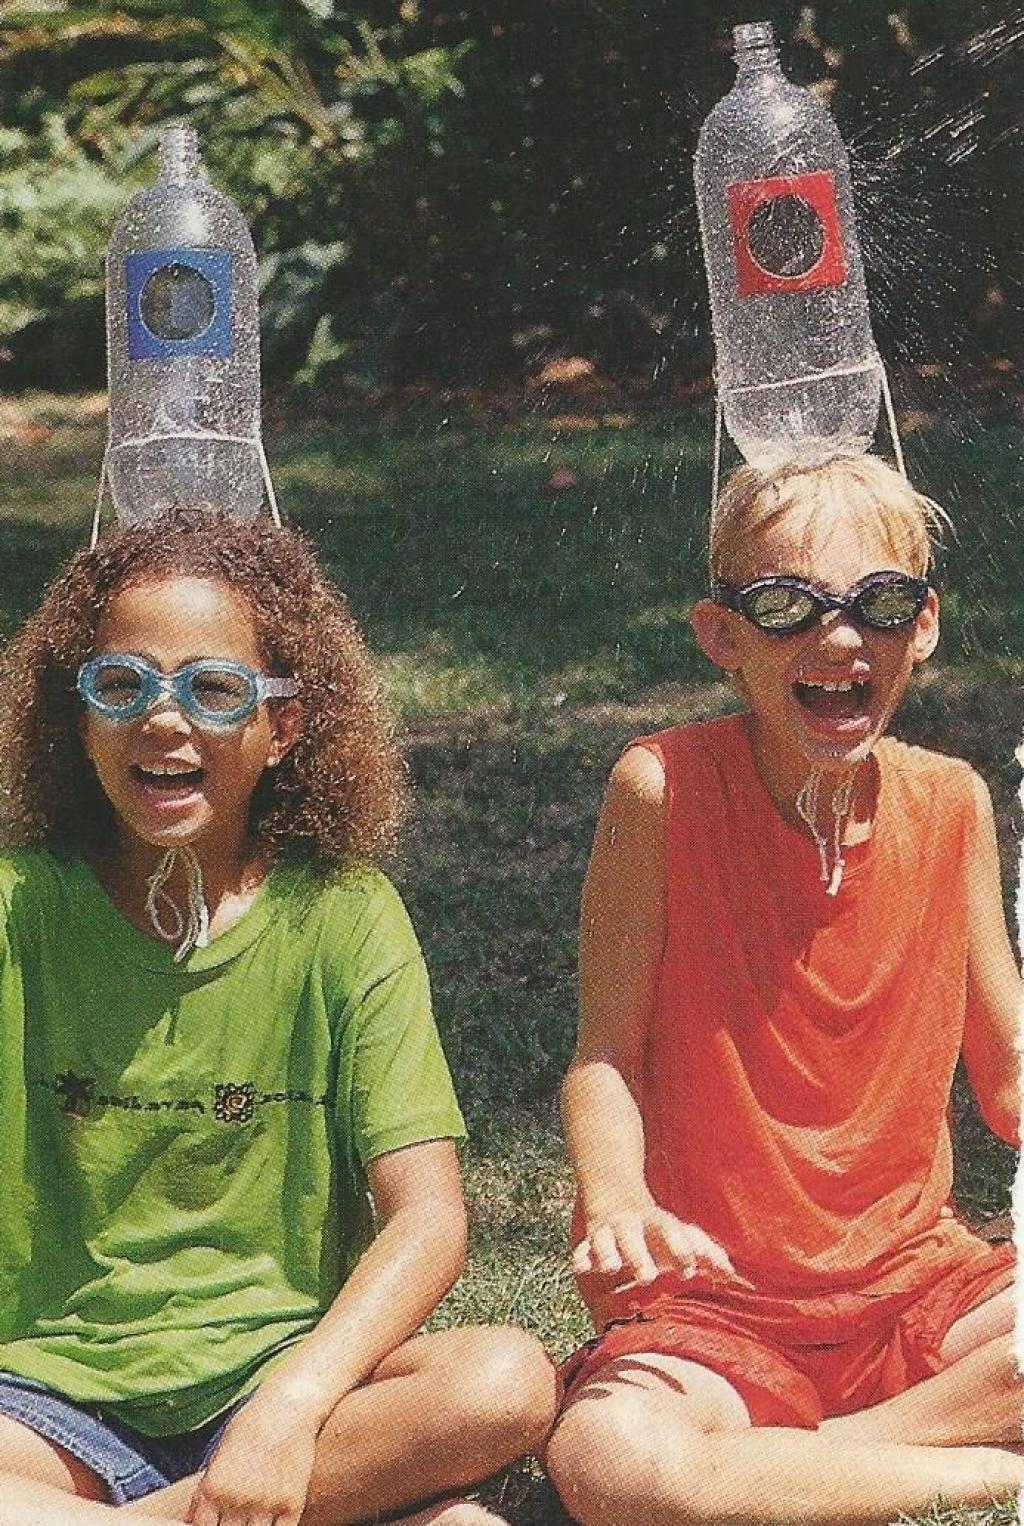 10 Jeux D'eau, Trop Cool À Essayer Avec Les Enfants Cet Été ... encequiconcerne Jeux D Eau Jardin